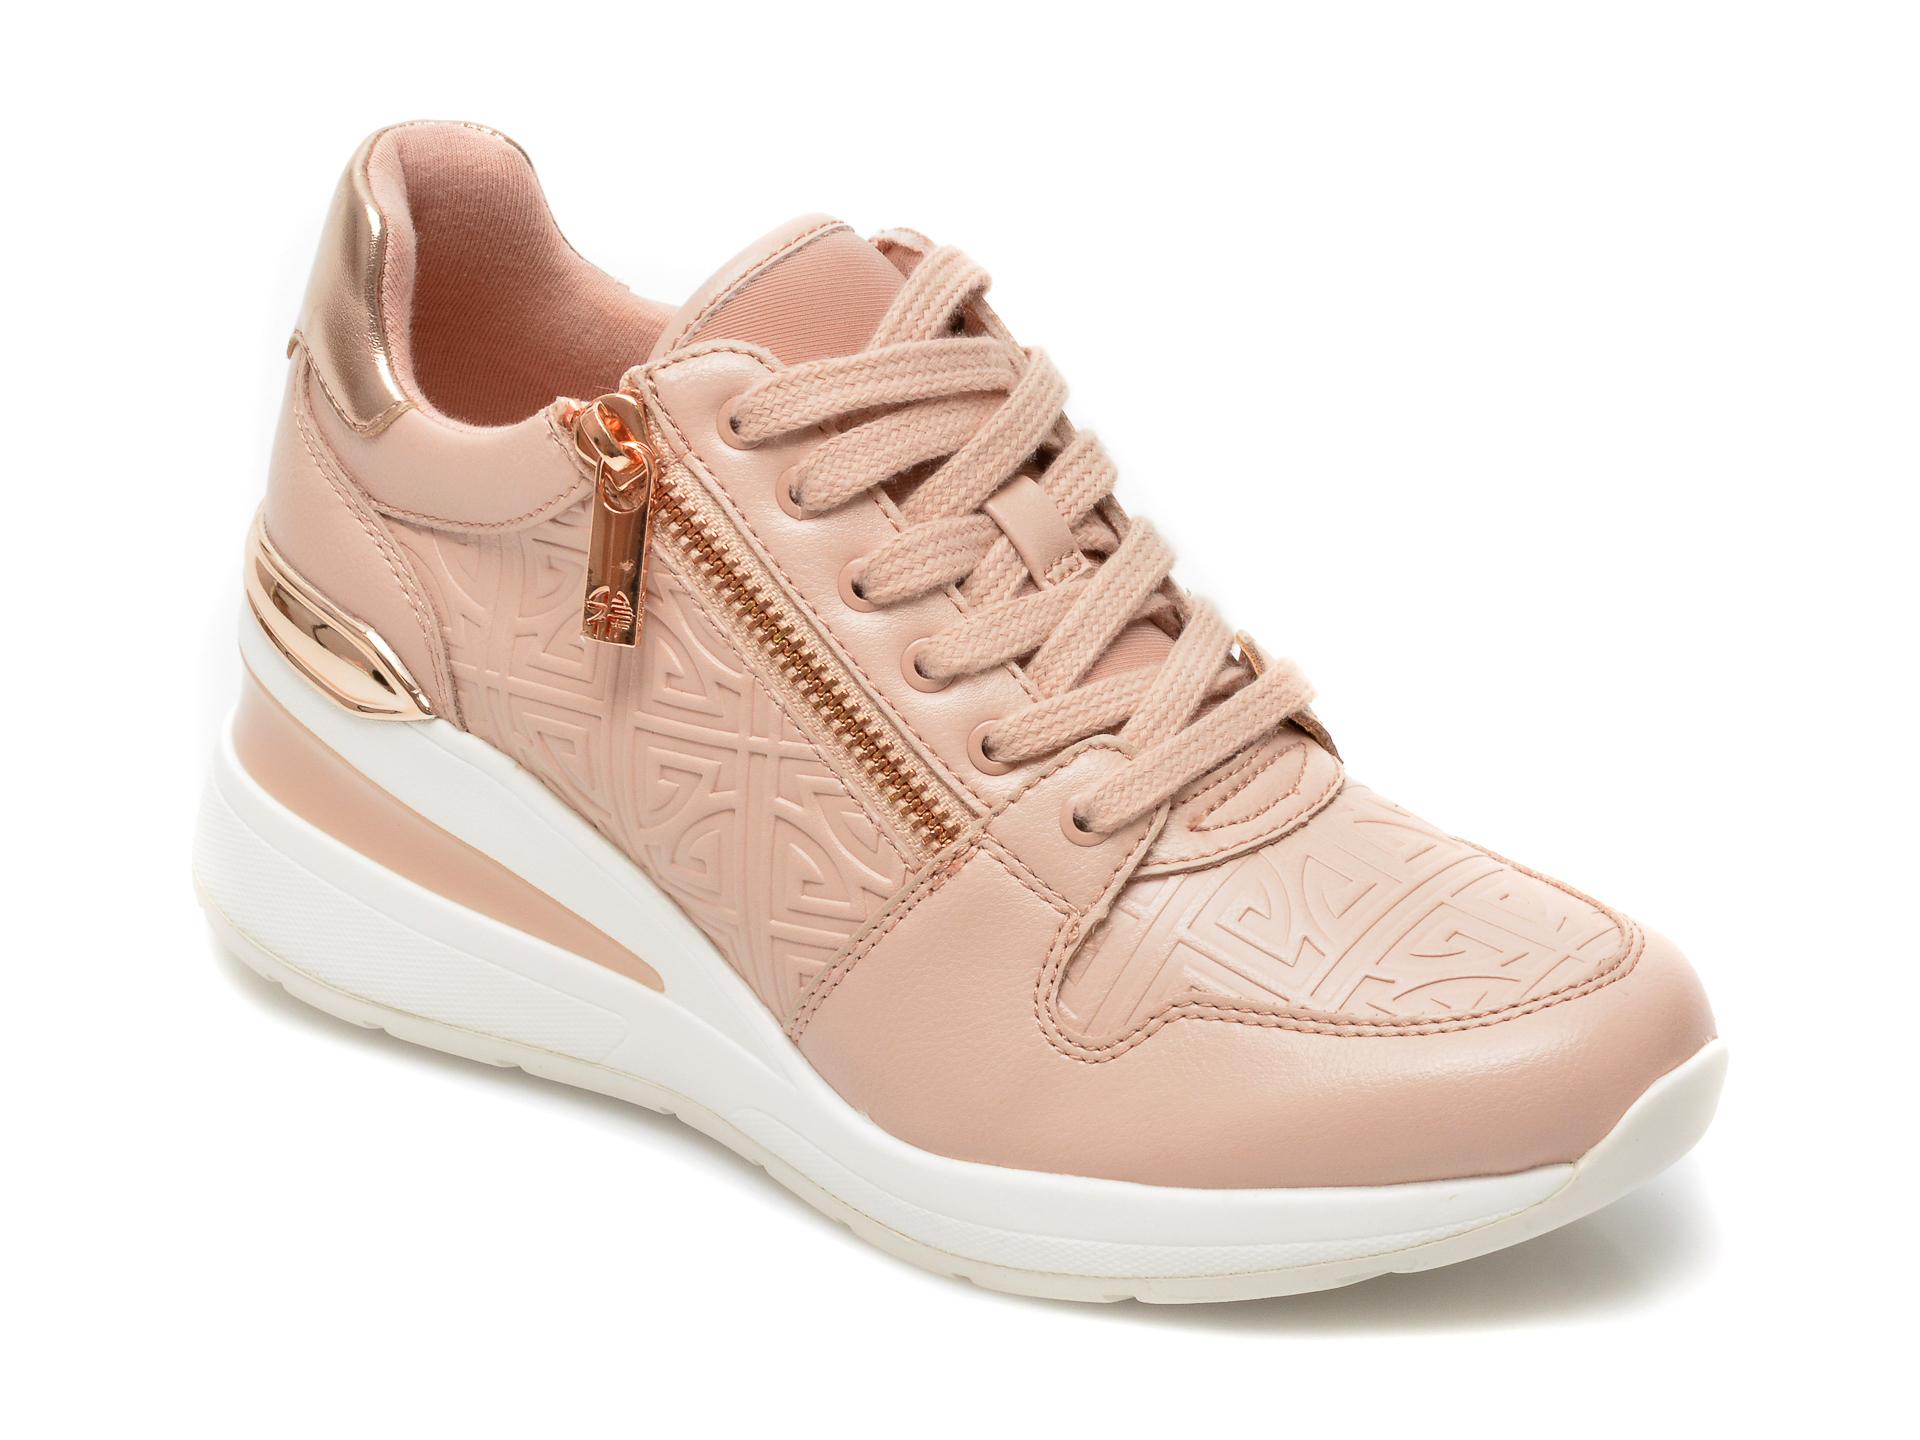 Pantofi sport ALDO nude, Jeresa680, din piele ecologica imagine otter.ro